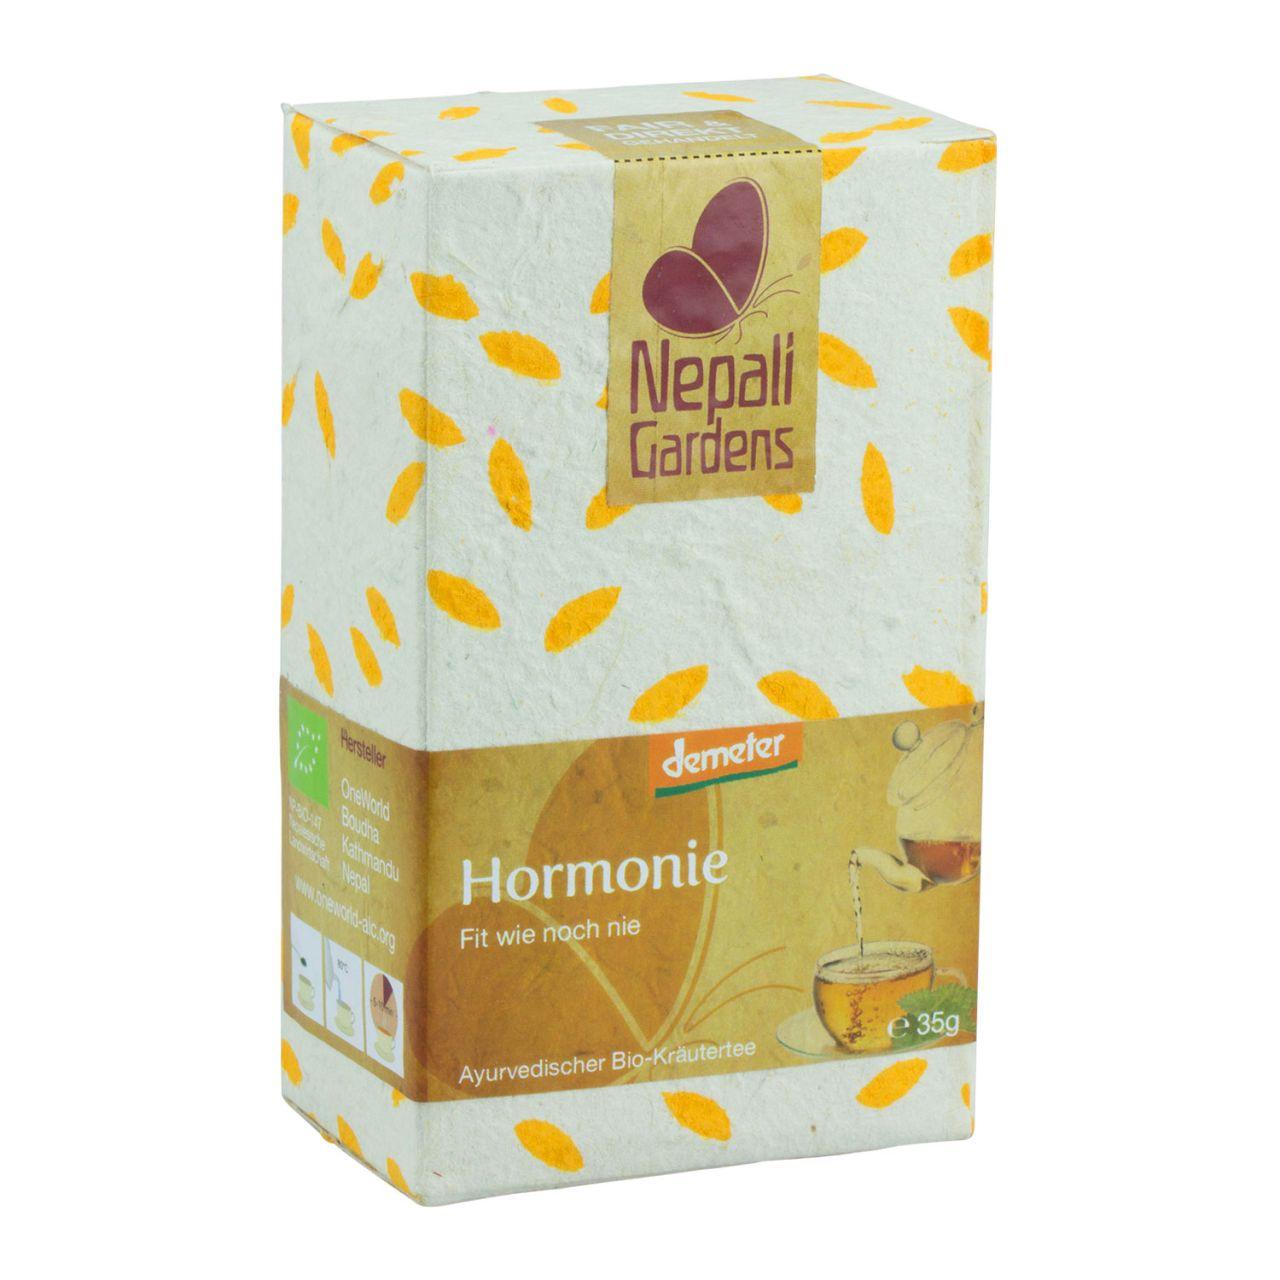 Hormonie